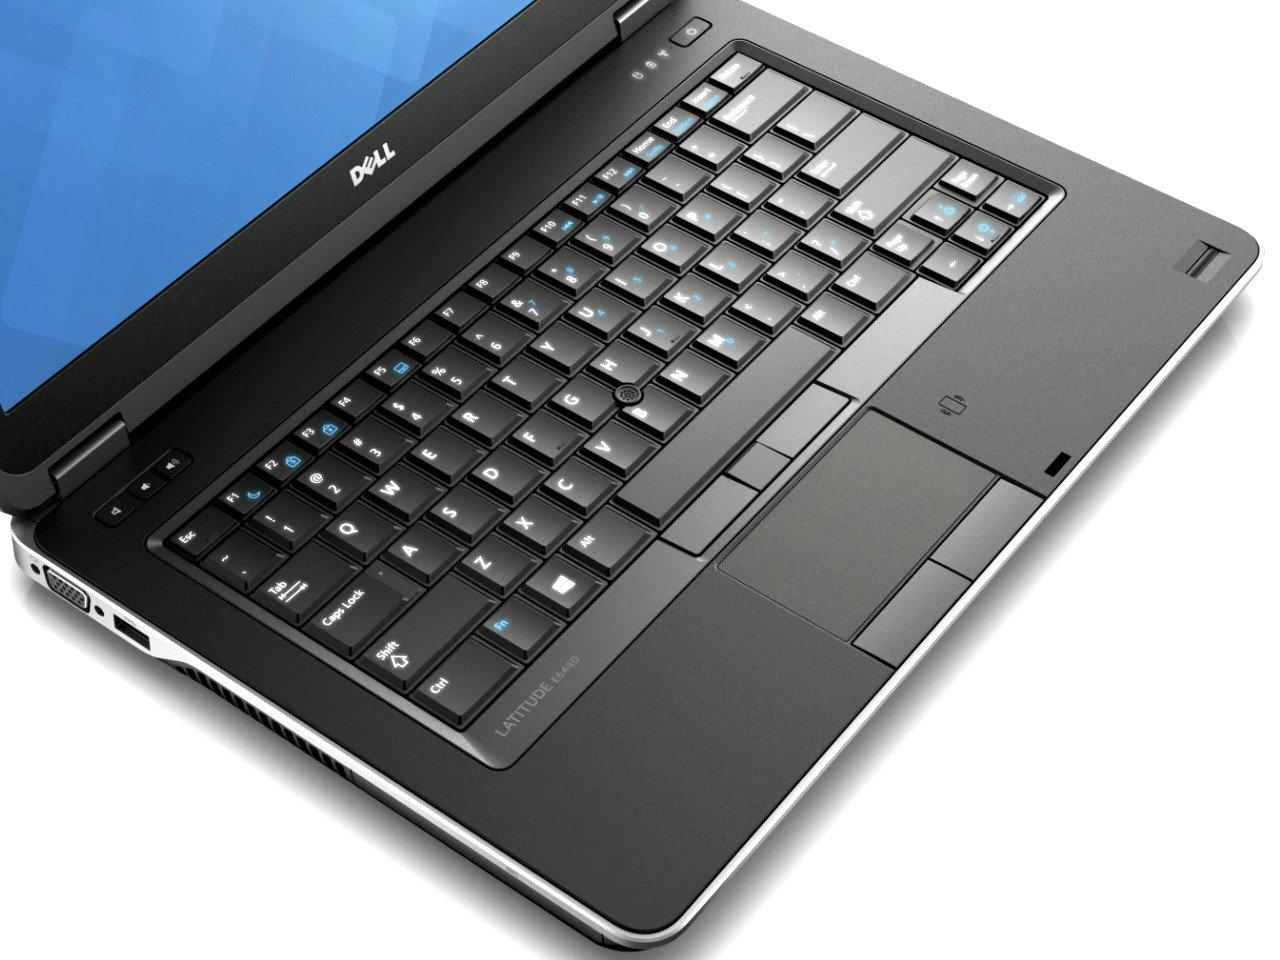 Dell Latitude 14 6000 E6440 I5 Full Hd Astringo